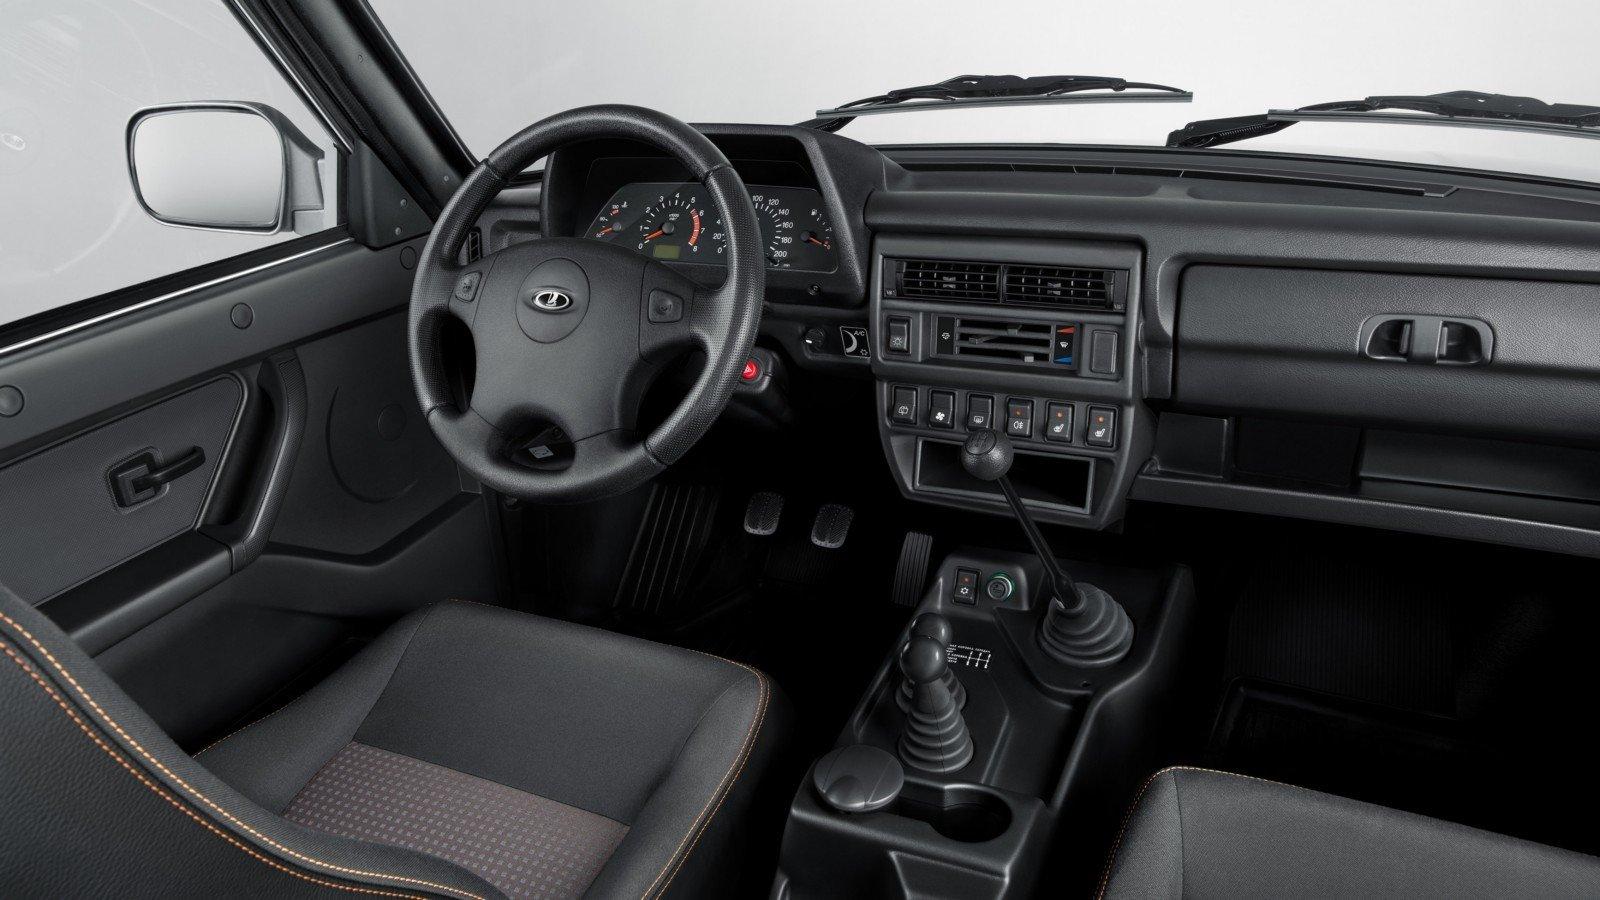 Вседорожный автомобиль Лада 4x4 отправился покорять авторынок Туниса